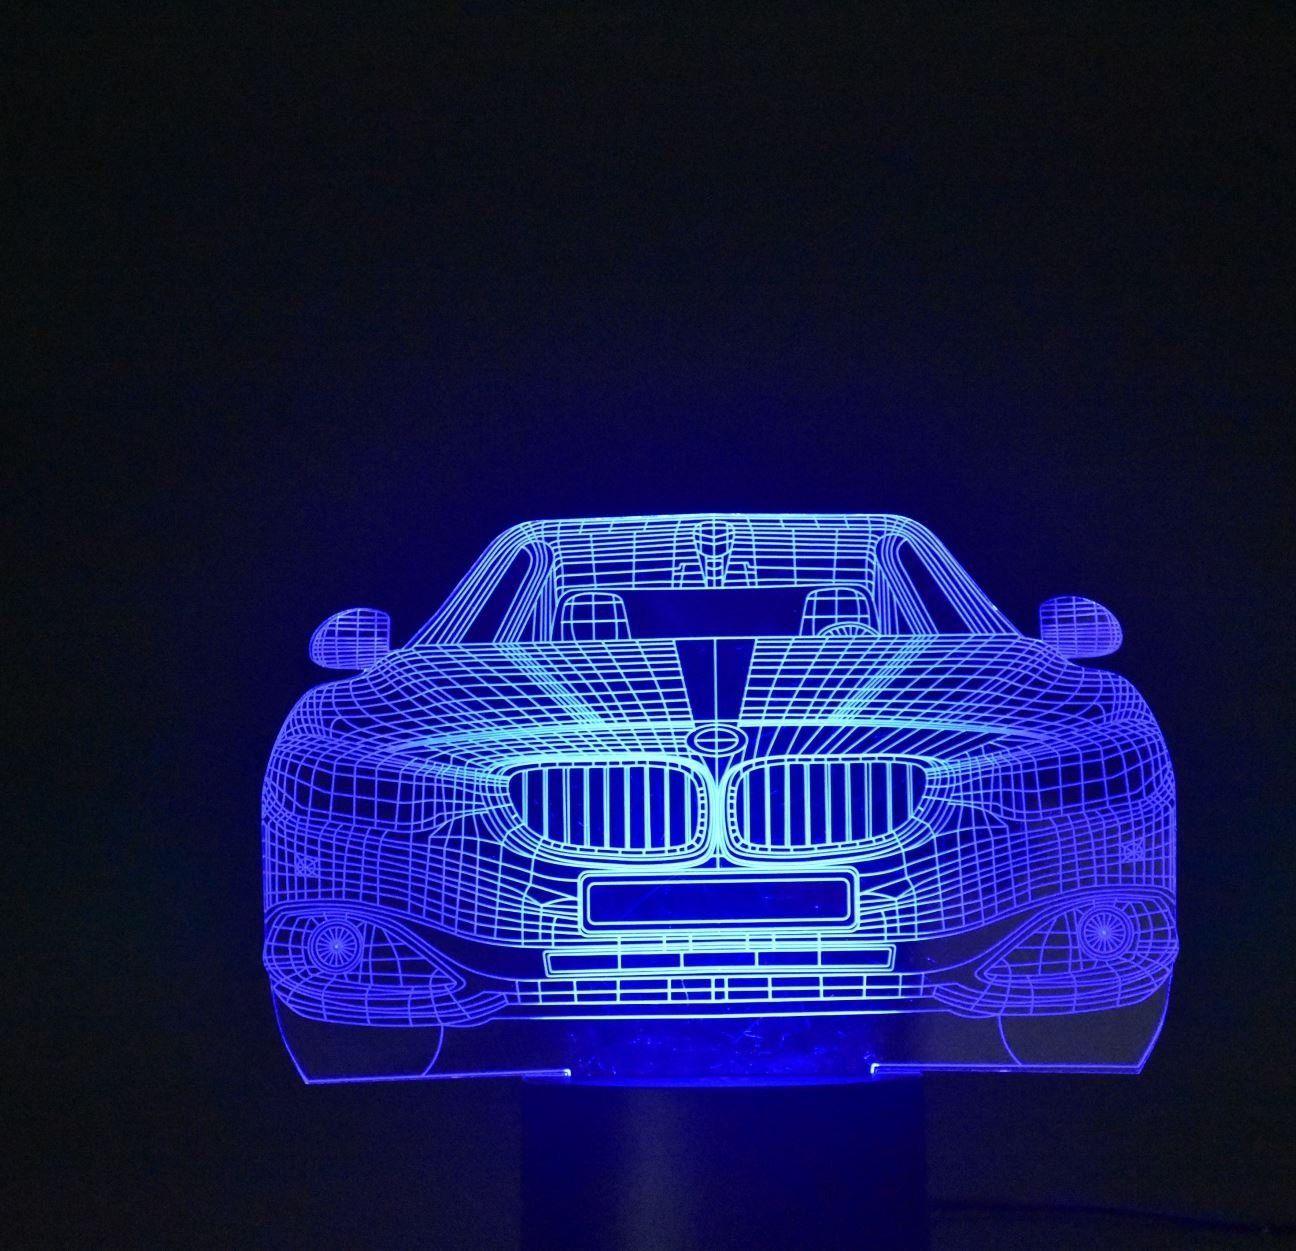 Werbung Coole Led Lampe Mit Farbwechsel Fur Das Kinderzimmer Eines Auto Fans Einzigartige 3d Beleuchtung Sie Werden Scho Led Nachtlicht Kinder Geburtstag